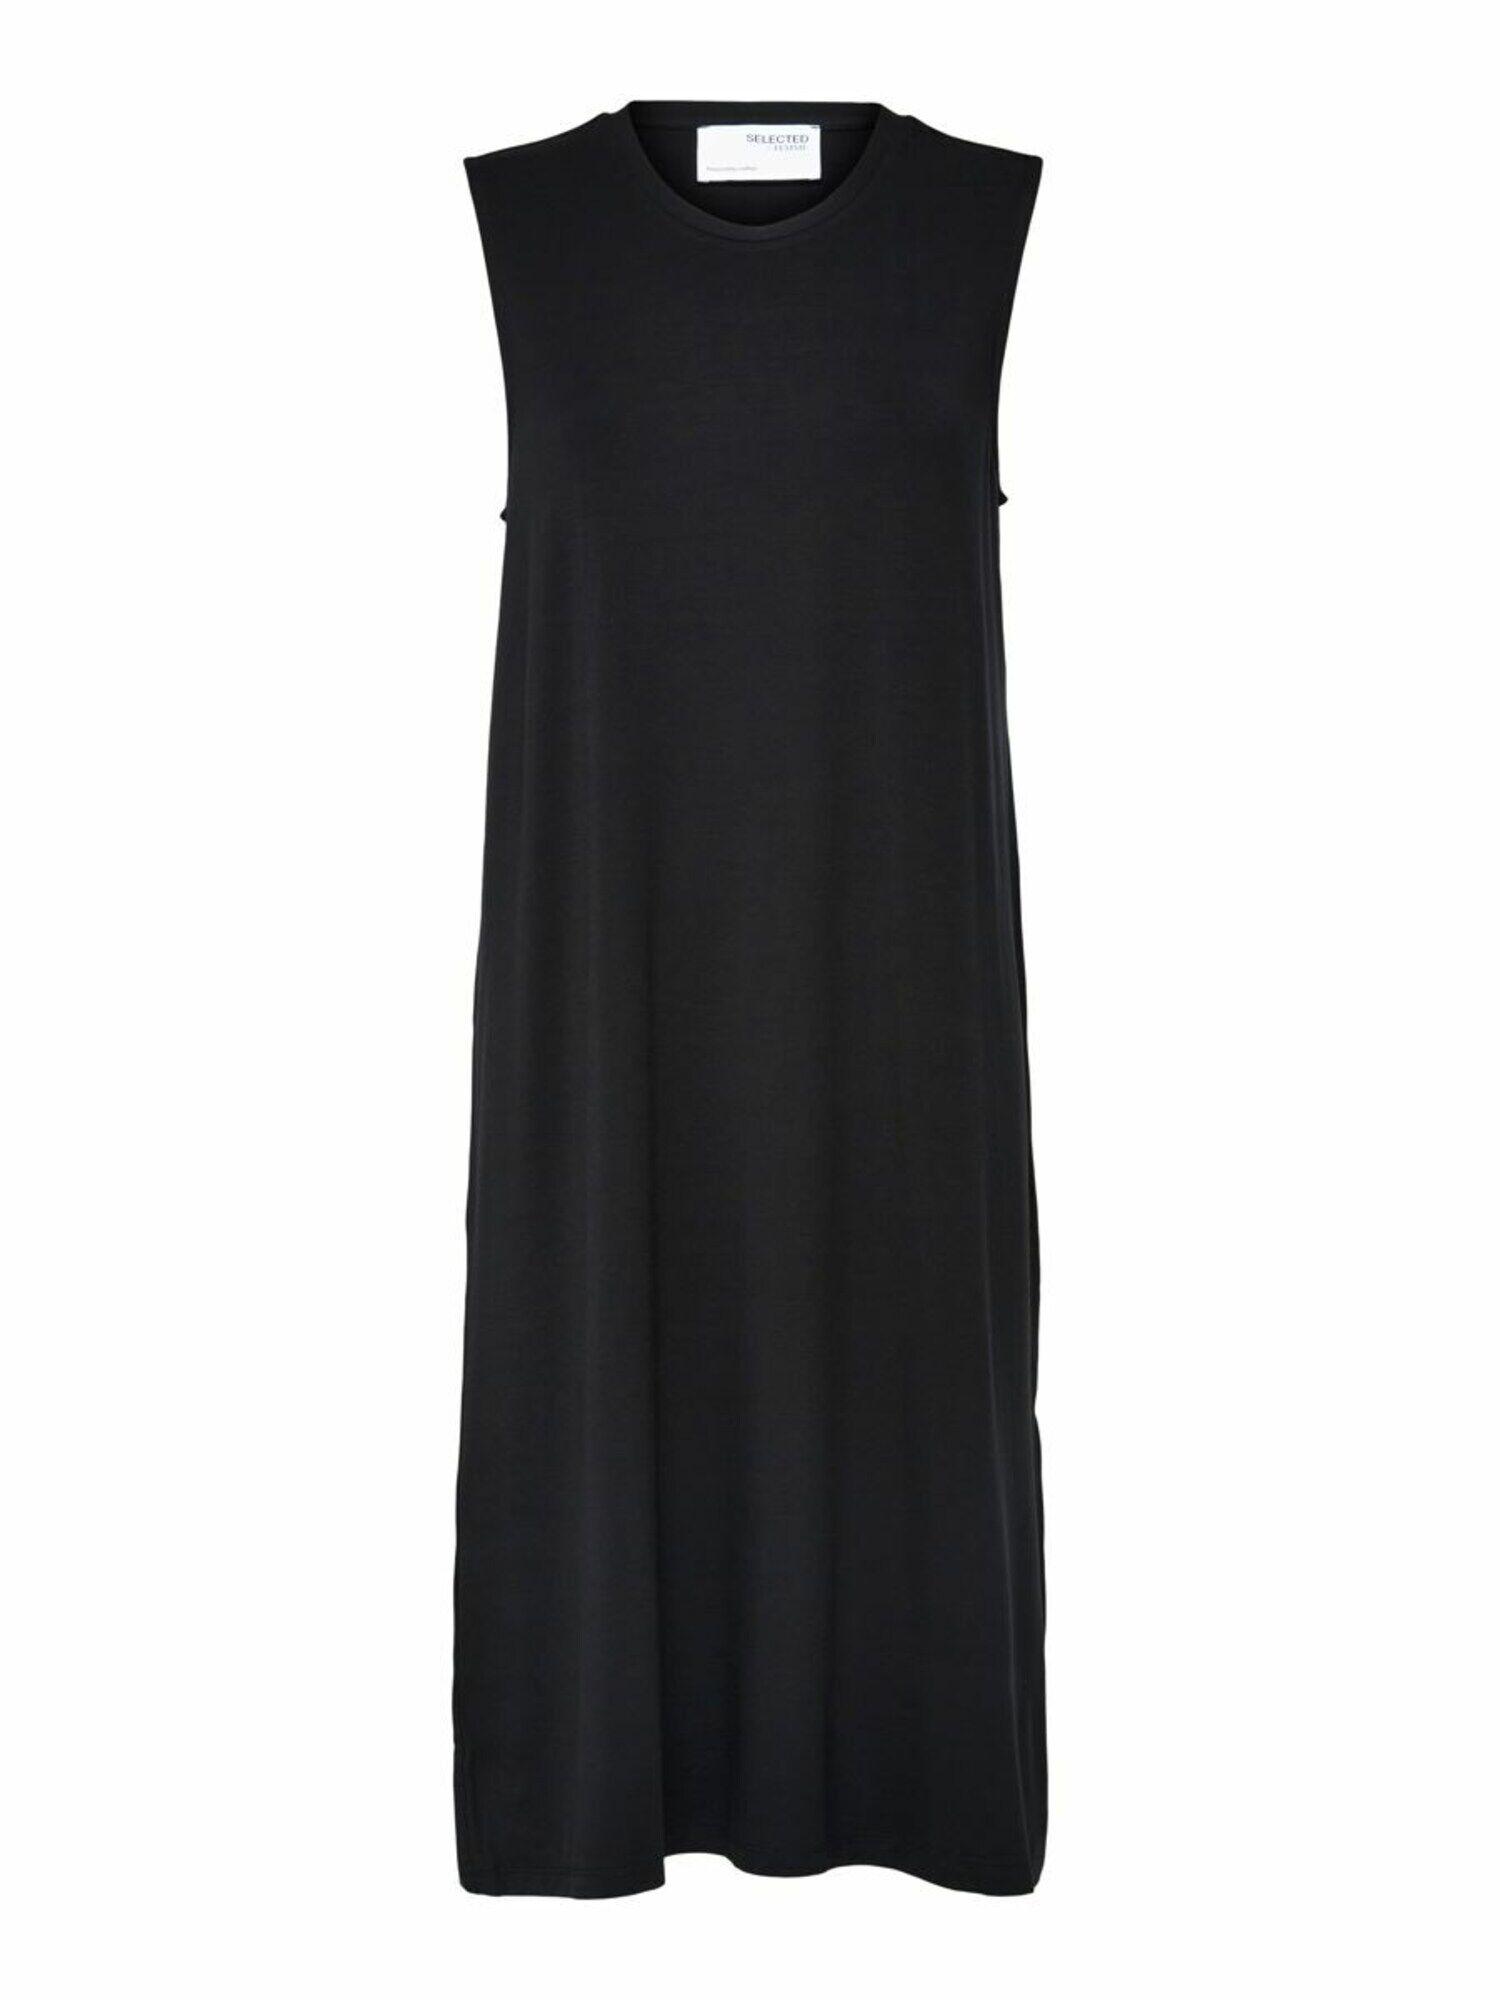 SELECTED FEMME Vêtement de plage 'SLFGIA'  - Noir - Taille: L - female